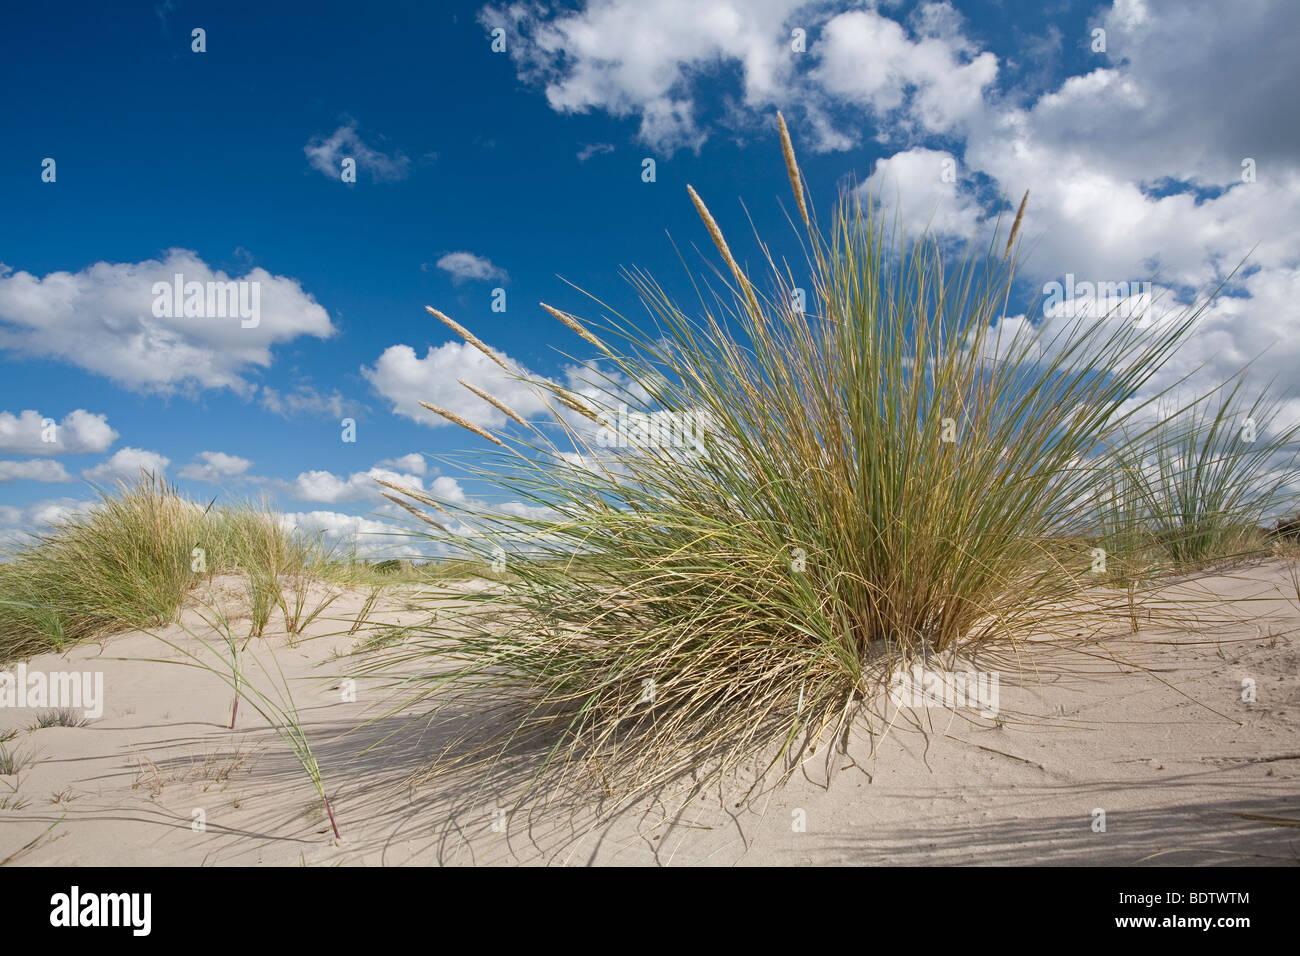 Gemeiner Strandhafer auf Sandduene, Marram on sand dune (Ammophila arenaria) - Stock Image